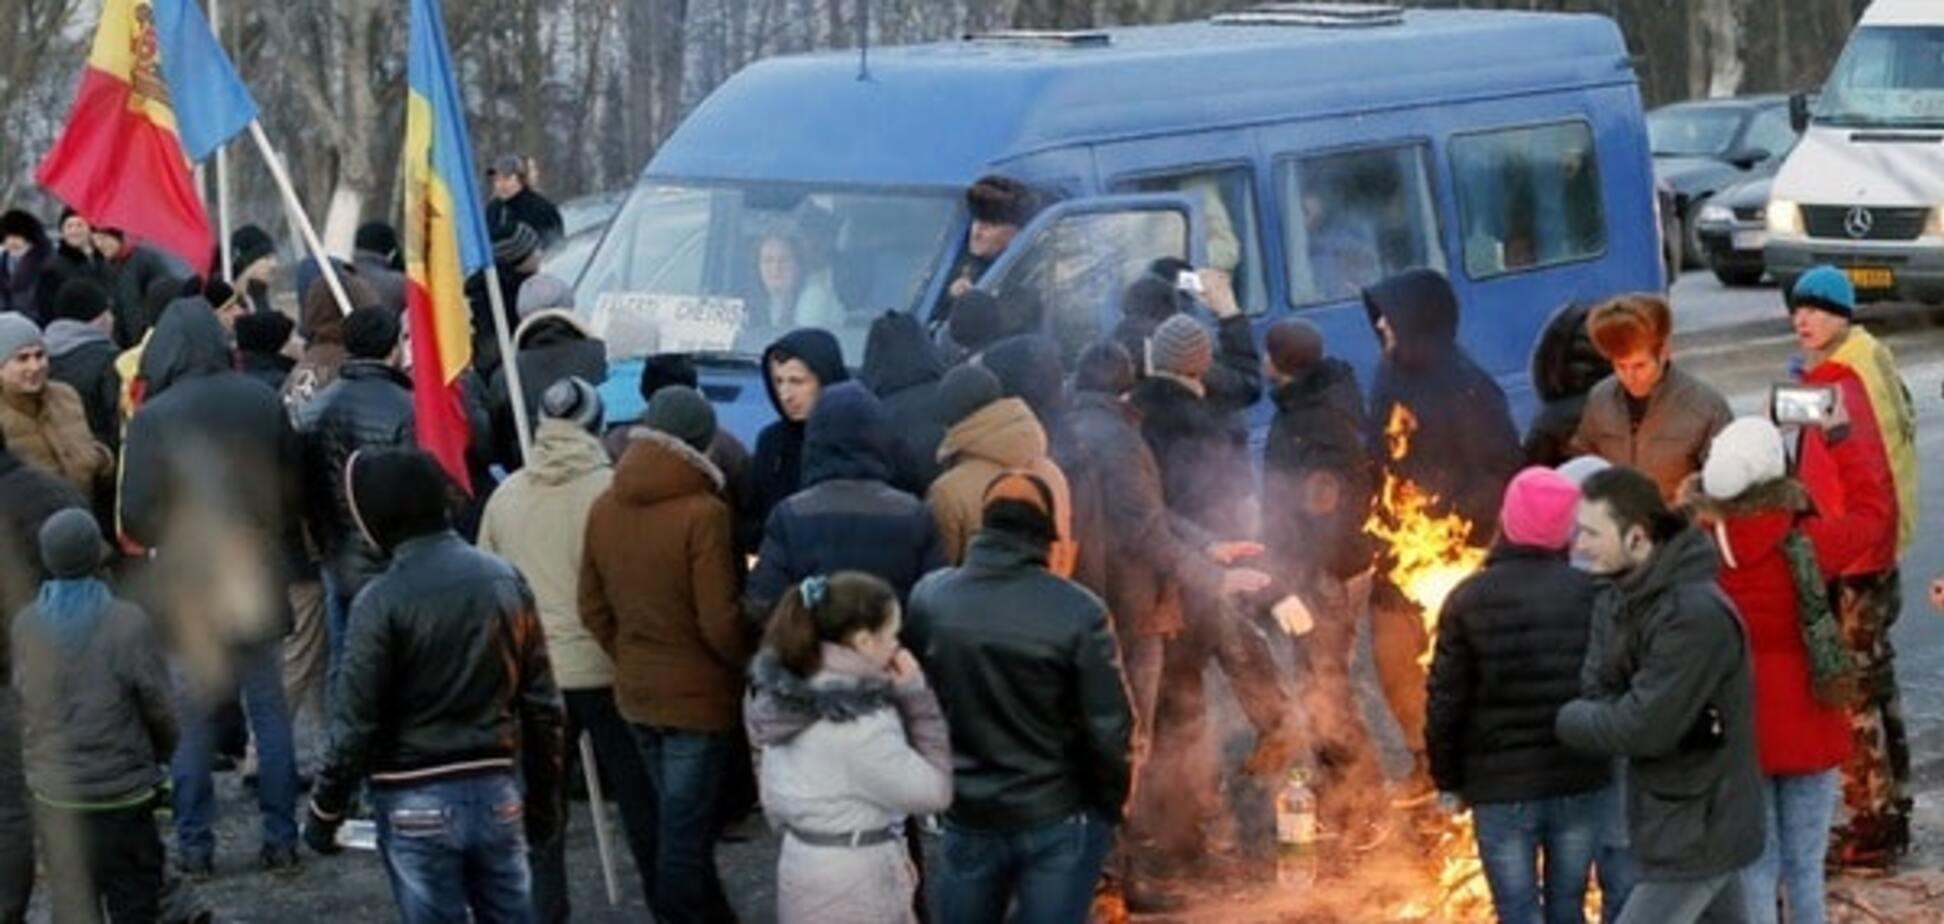 Майдан в Молдове: Портников поведал об угрозе реванша Кремля